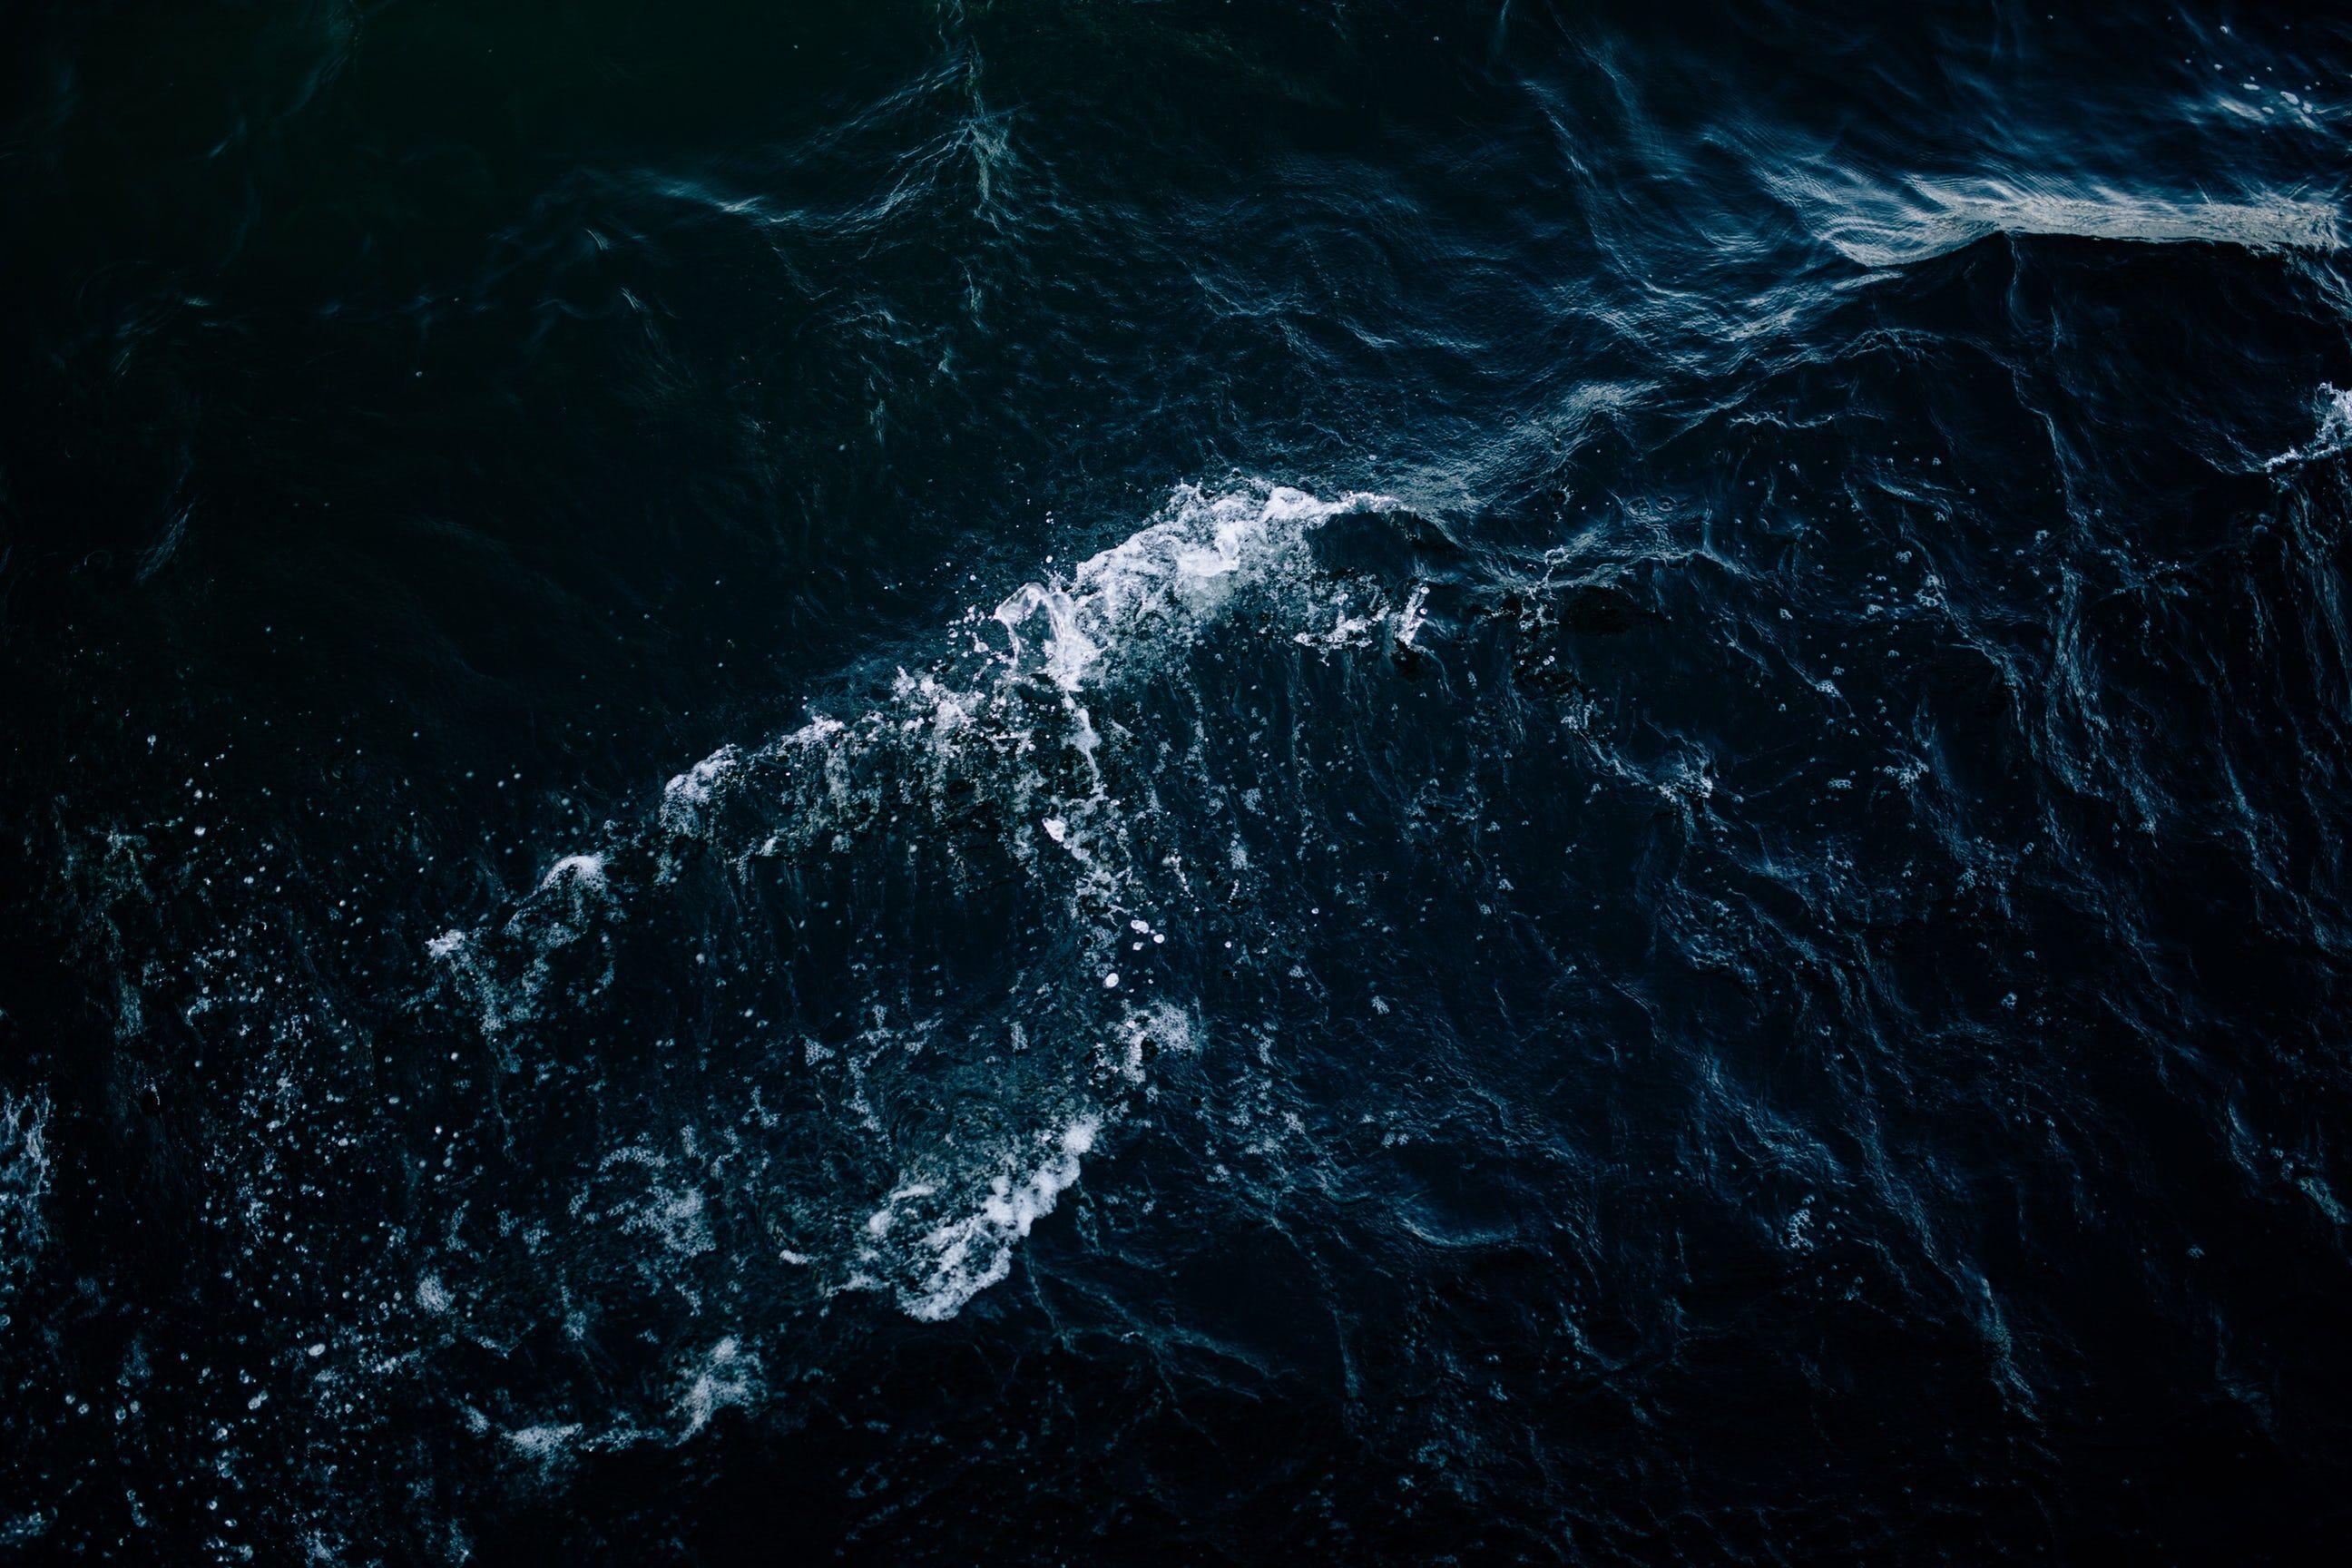 High Resolution Dark Blue Ocean Wallpaper